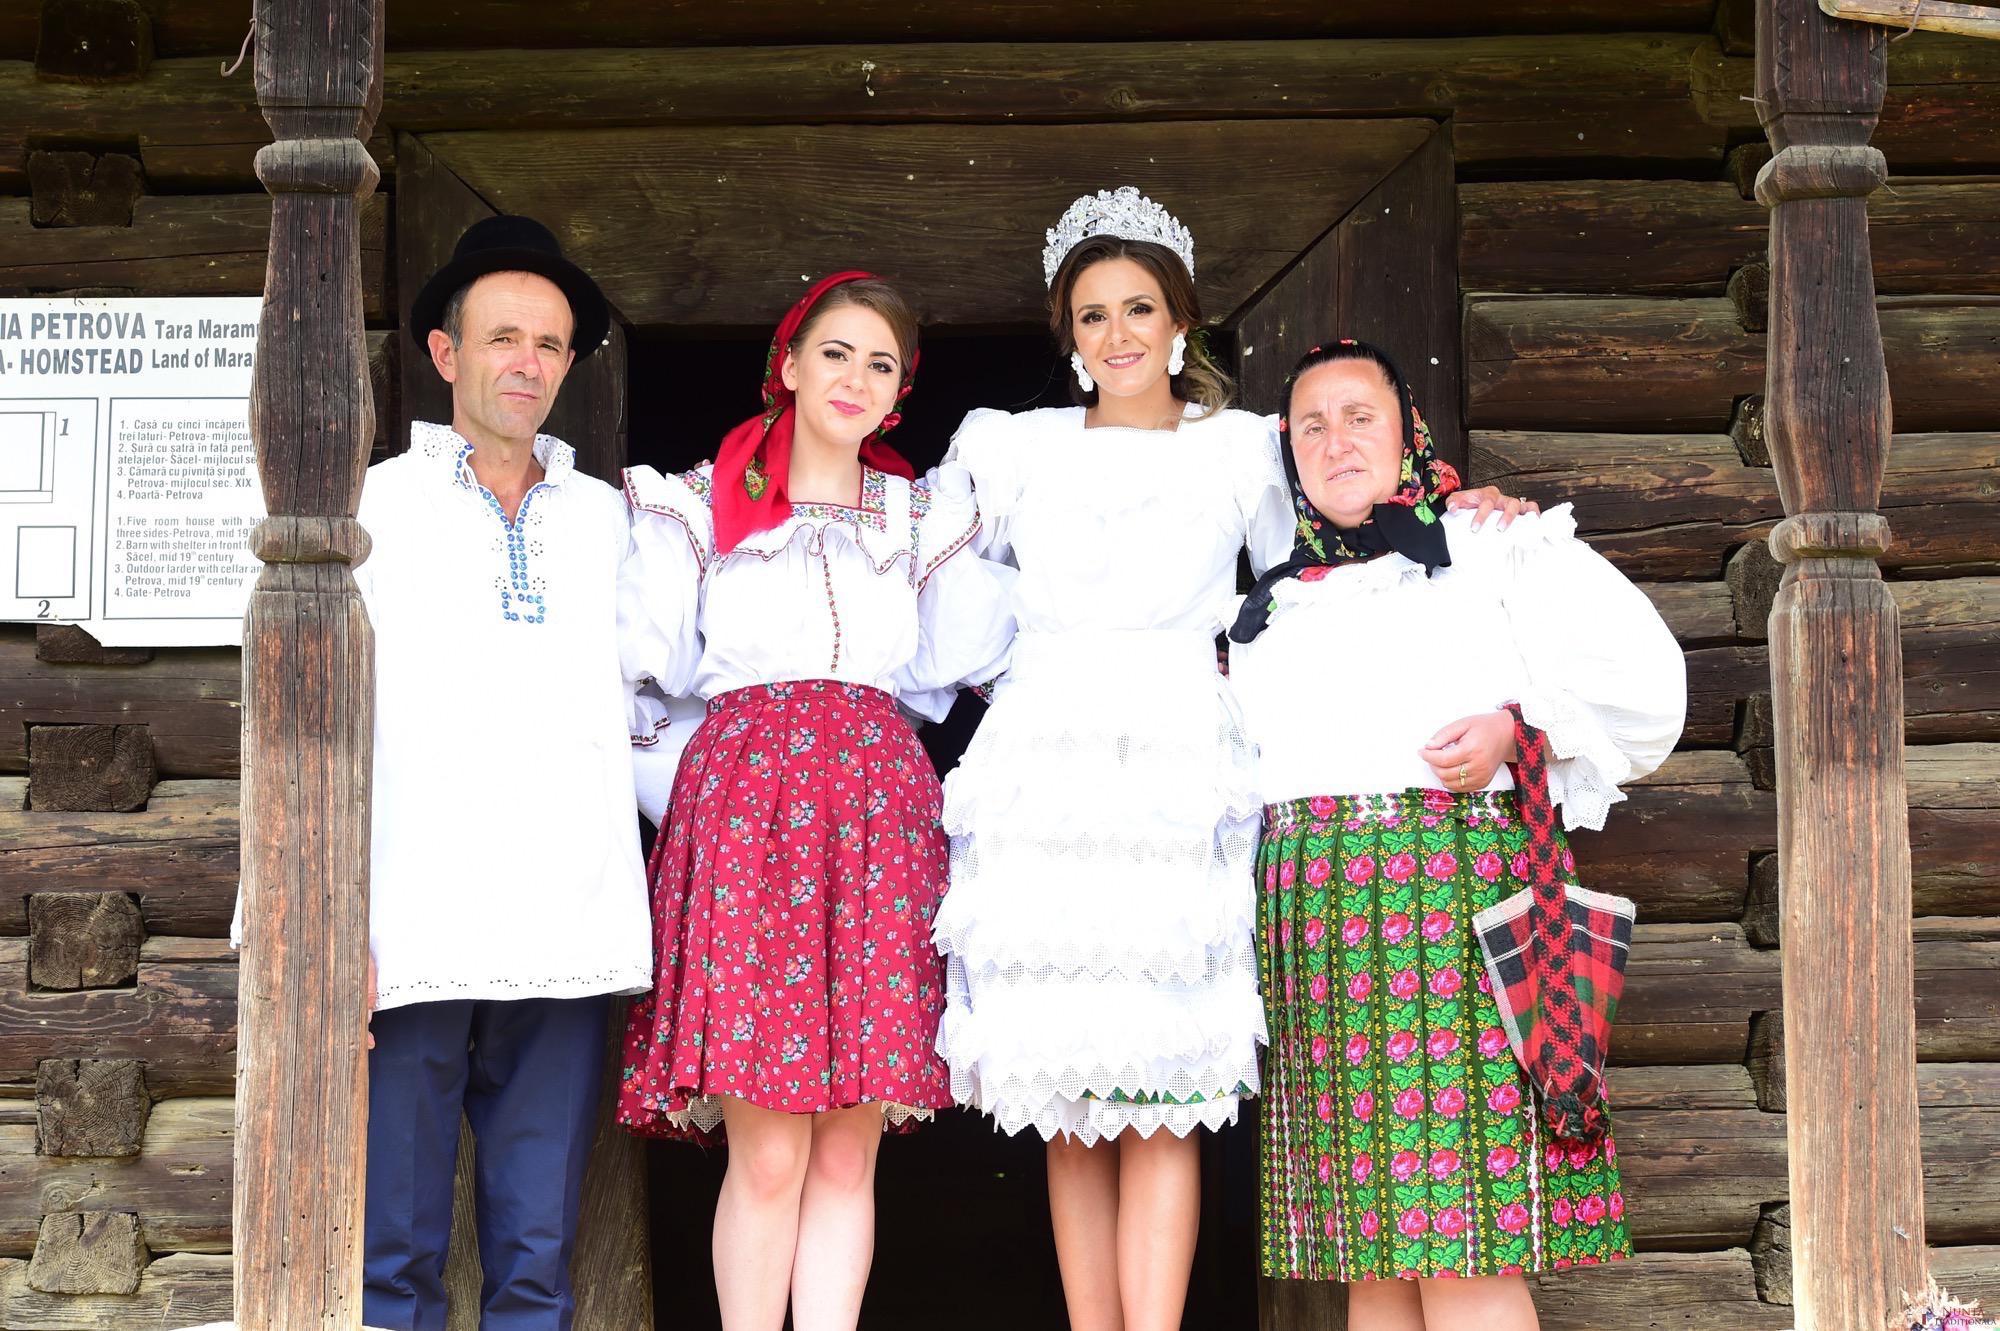 Povești Nunți Tradiționale - Florentina Vlad și Lemnean Ionuț. Cununie tradițională în Baia Mare 11